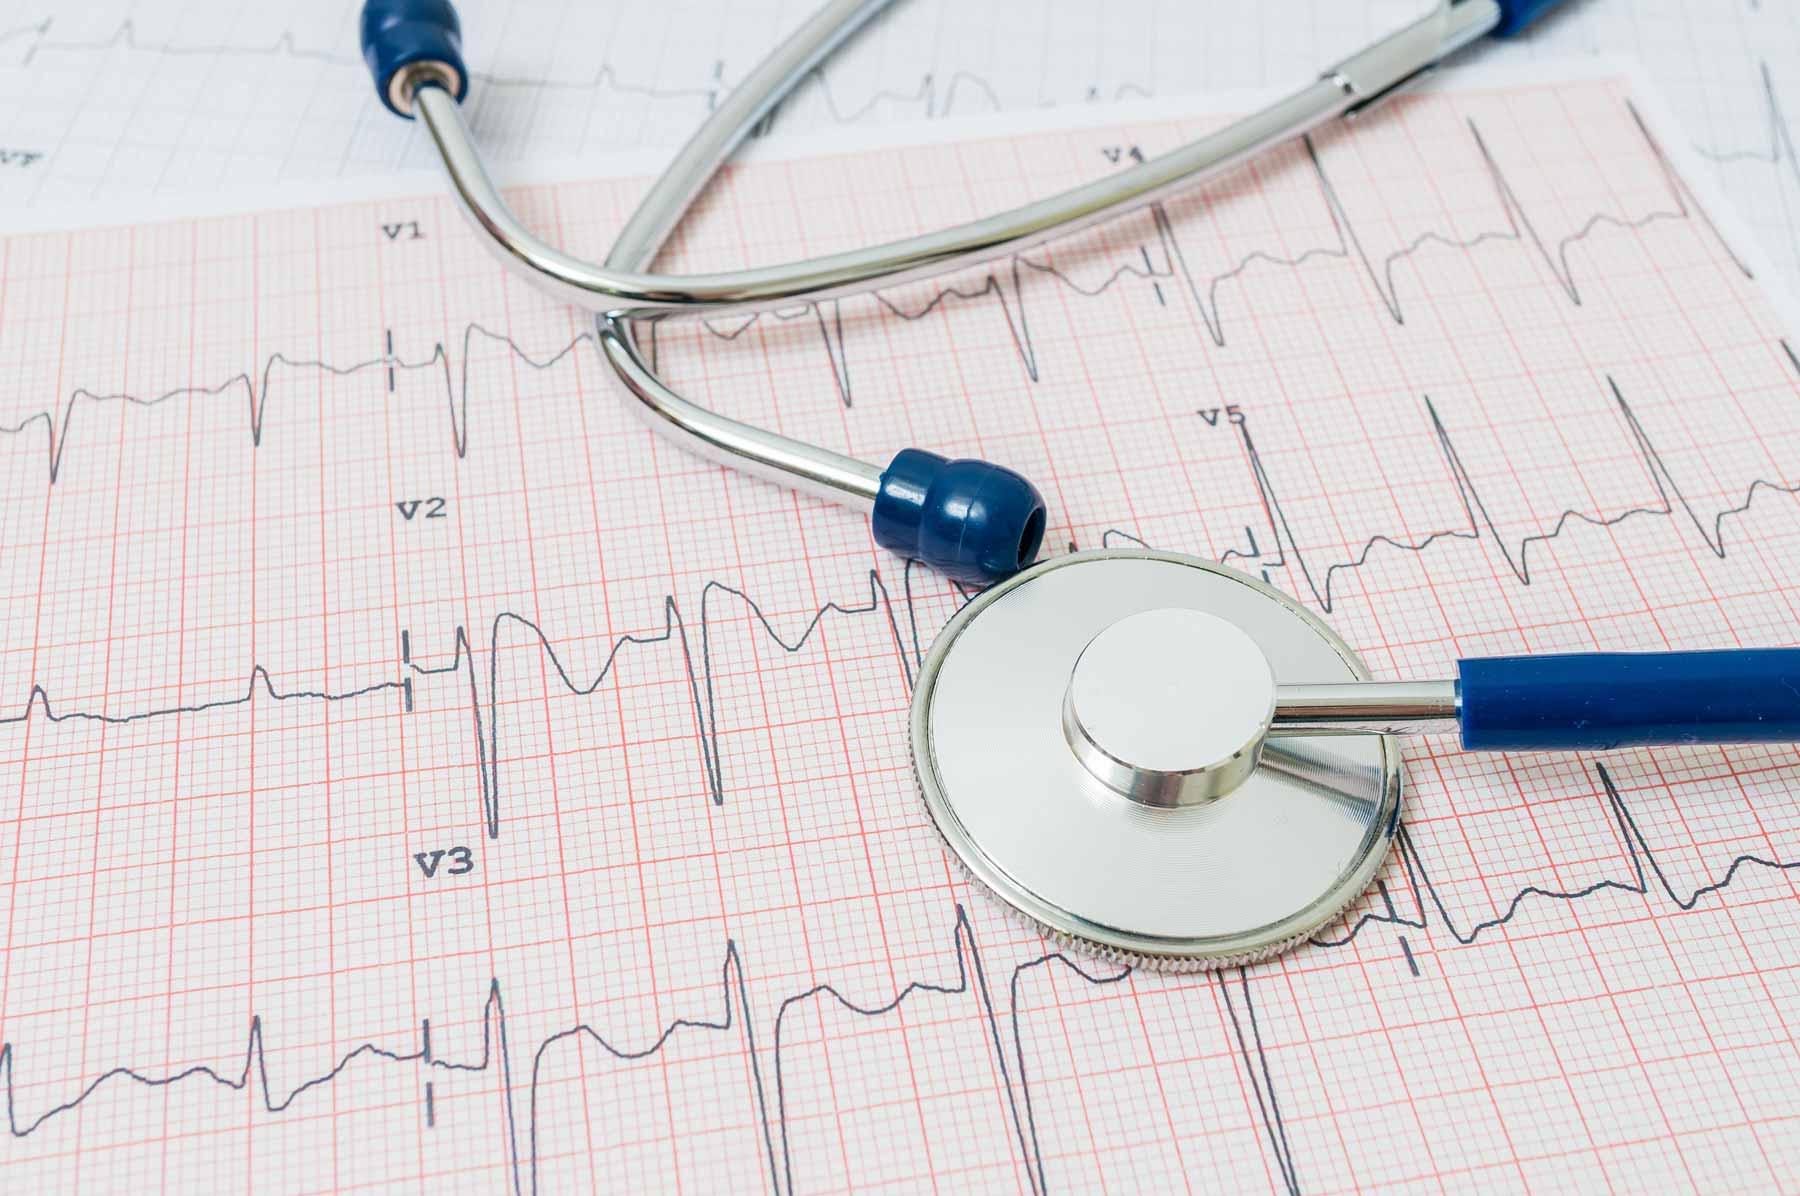 Servicio Electrocardiogramas ECG a Domicilio